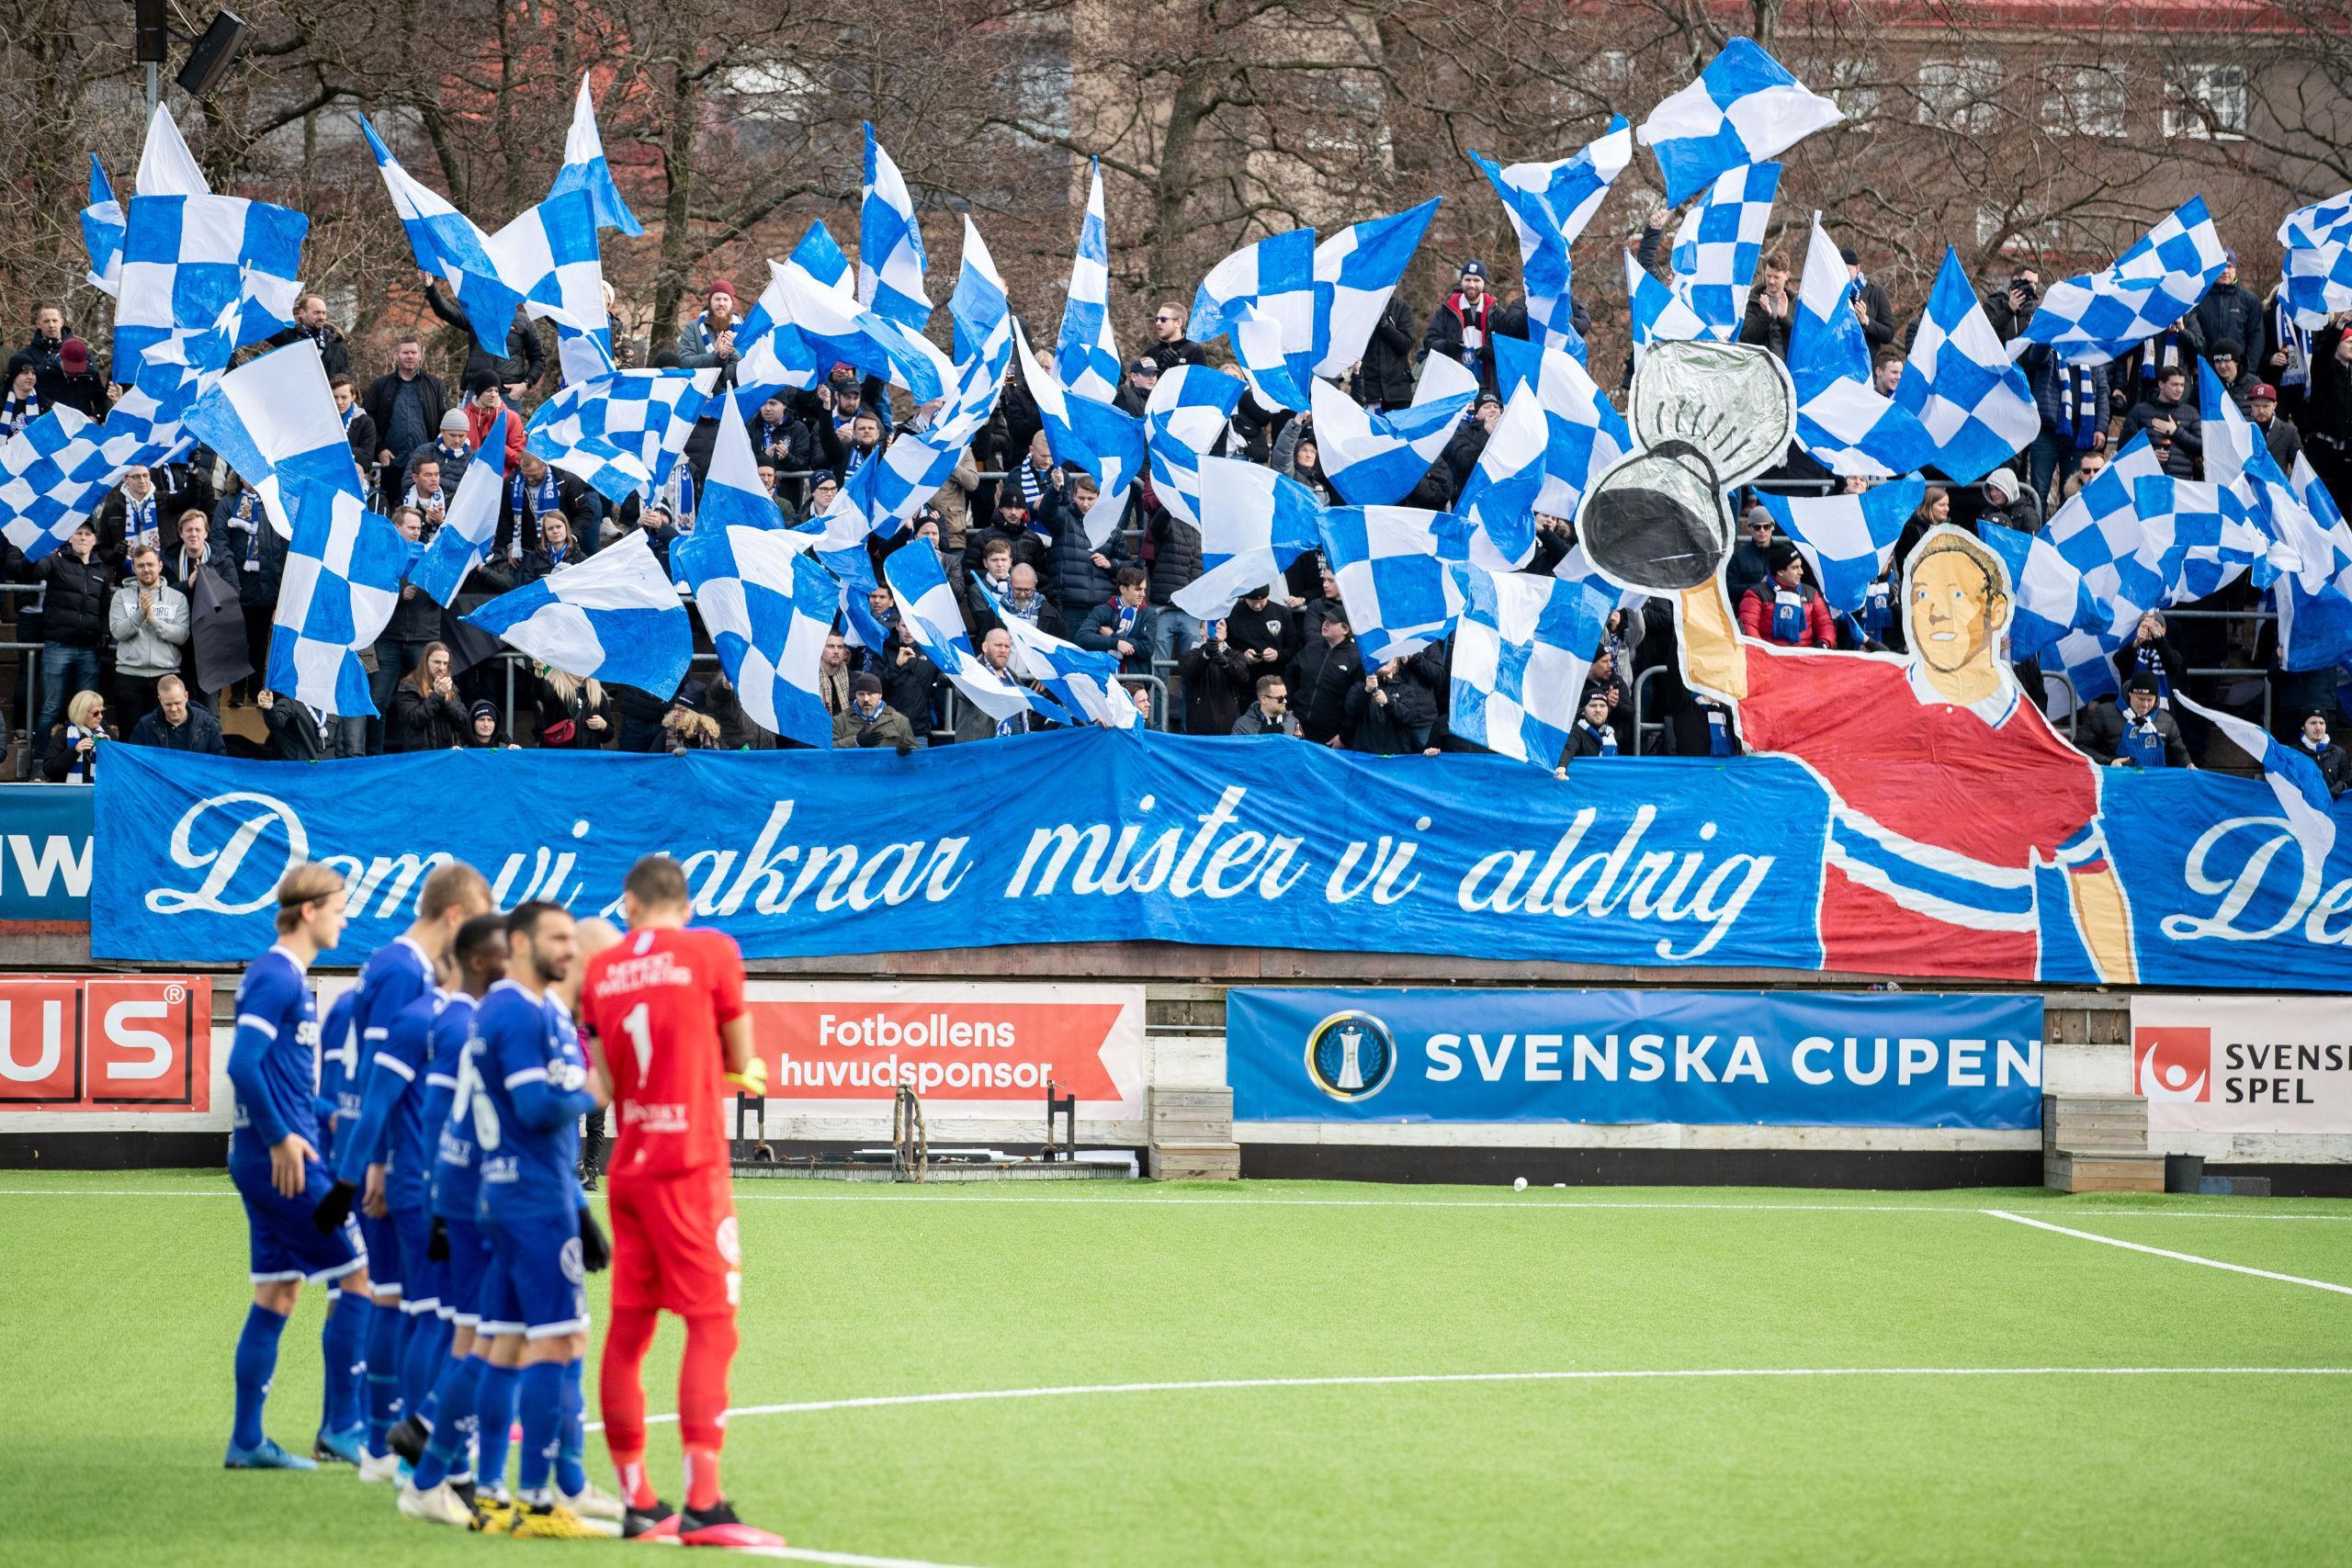 Varma hyllningen till Stefan Lindqvist